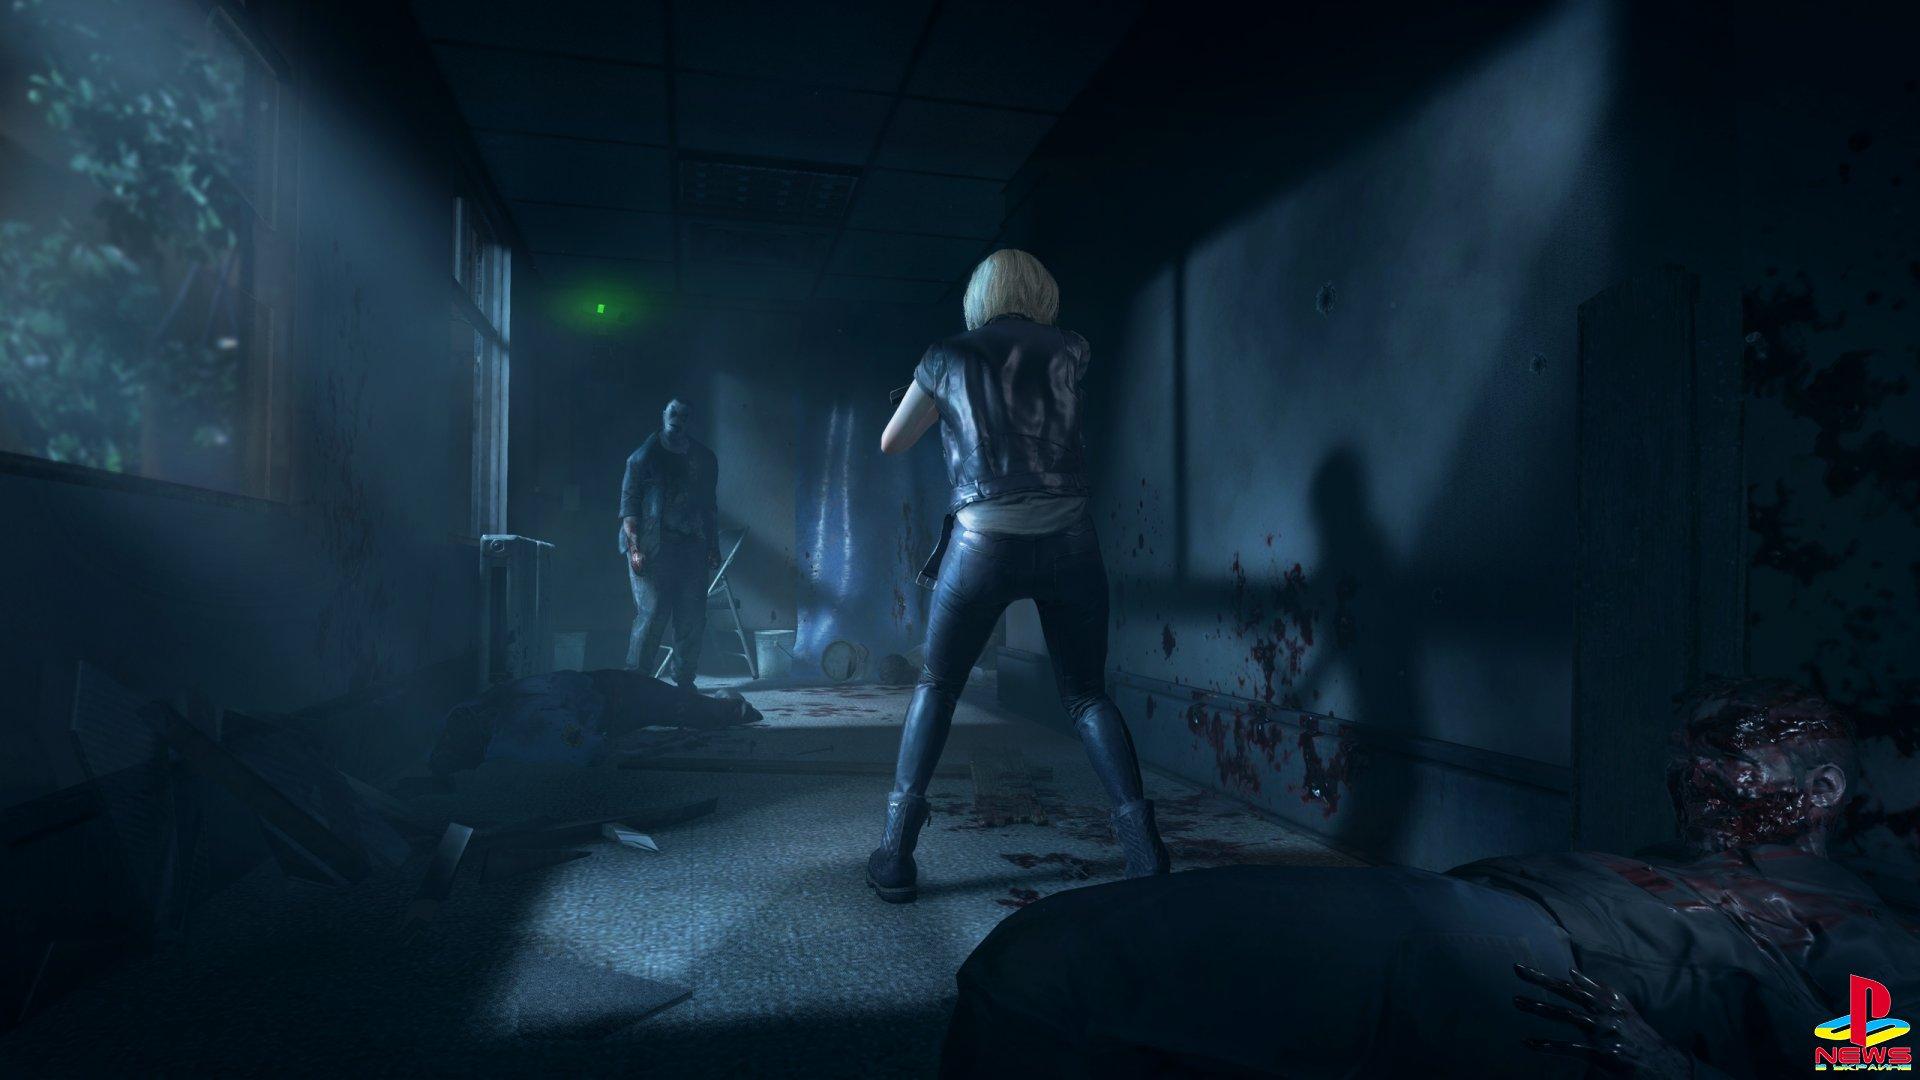 Сетевая часть ремейка Resident Evil 3 предложит несколь ...